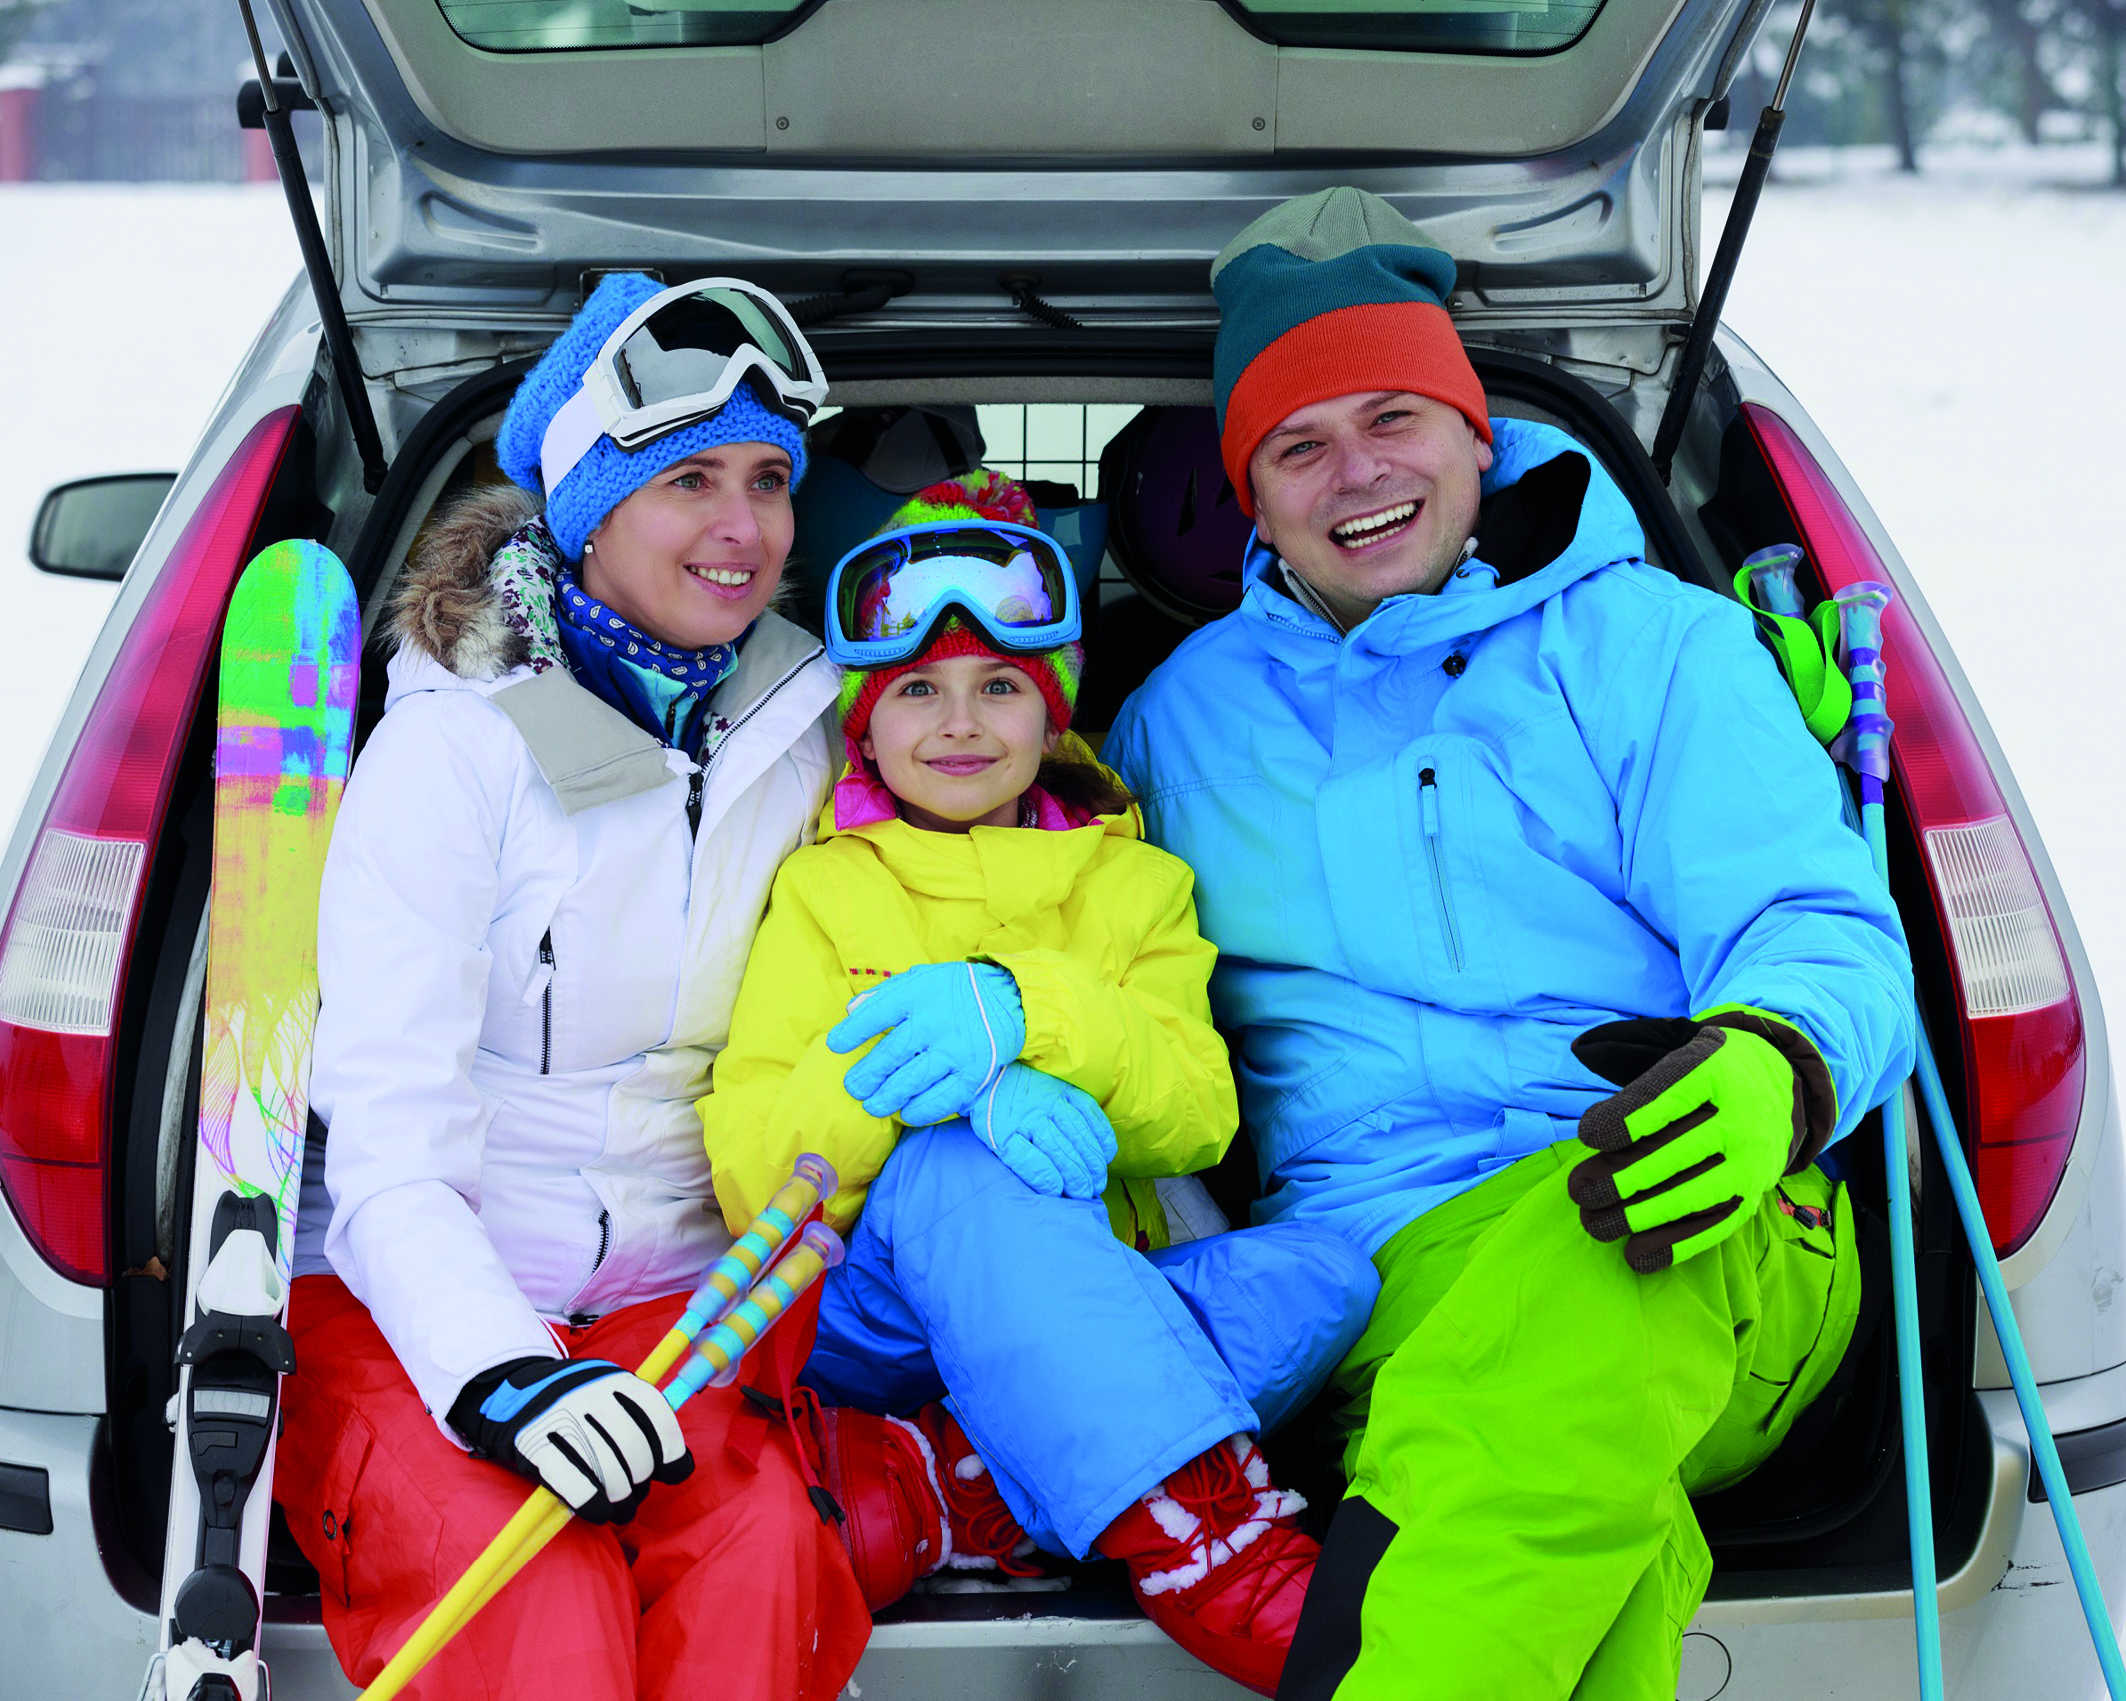 Vater, Mutter, Tochter sitzen in Skianzügen bei geöffneter Heckklappe im Auto im Winterurlaub.